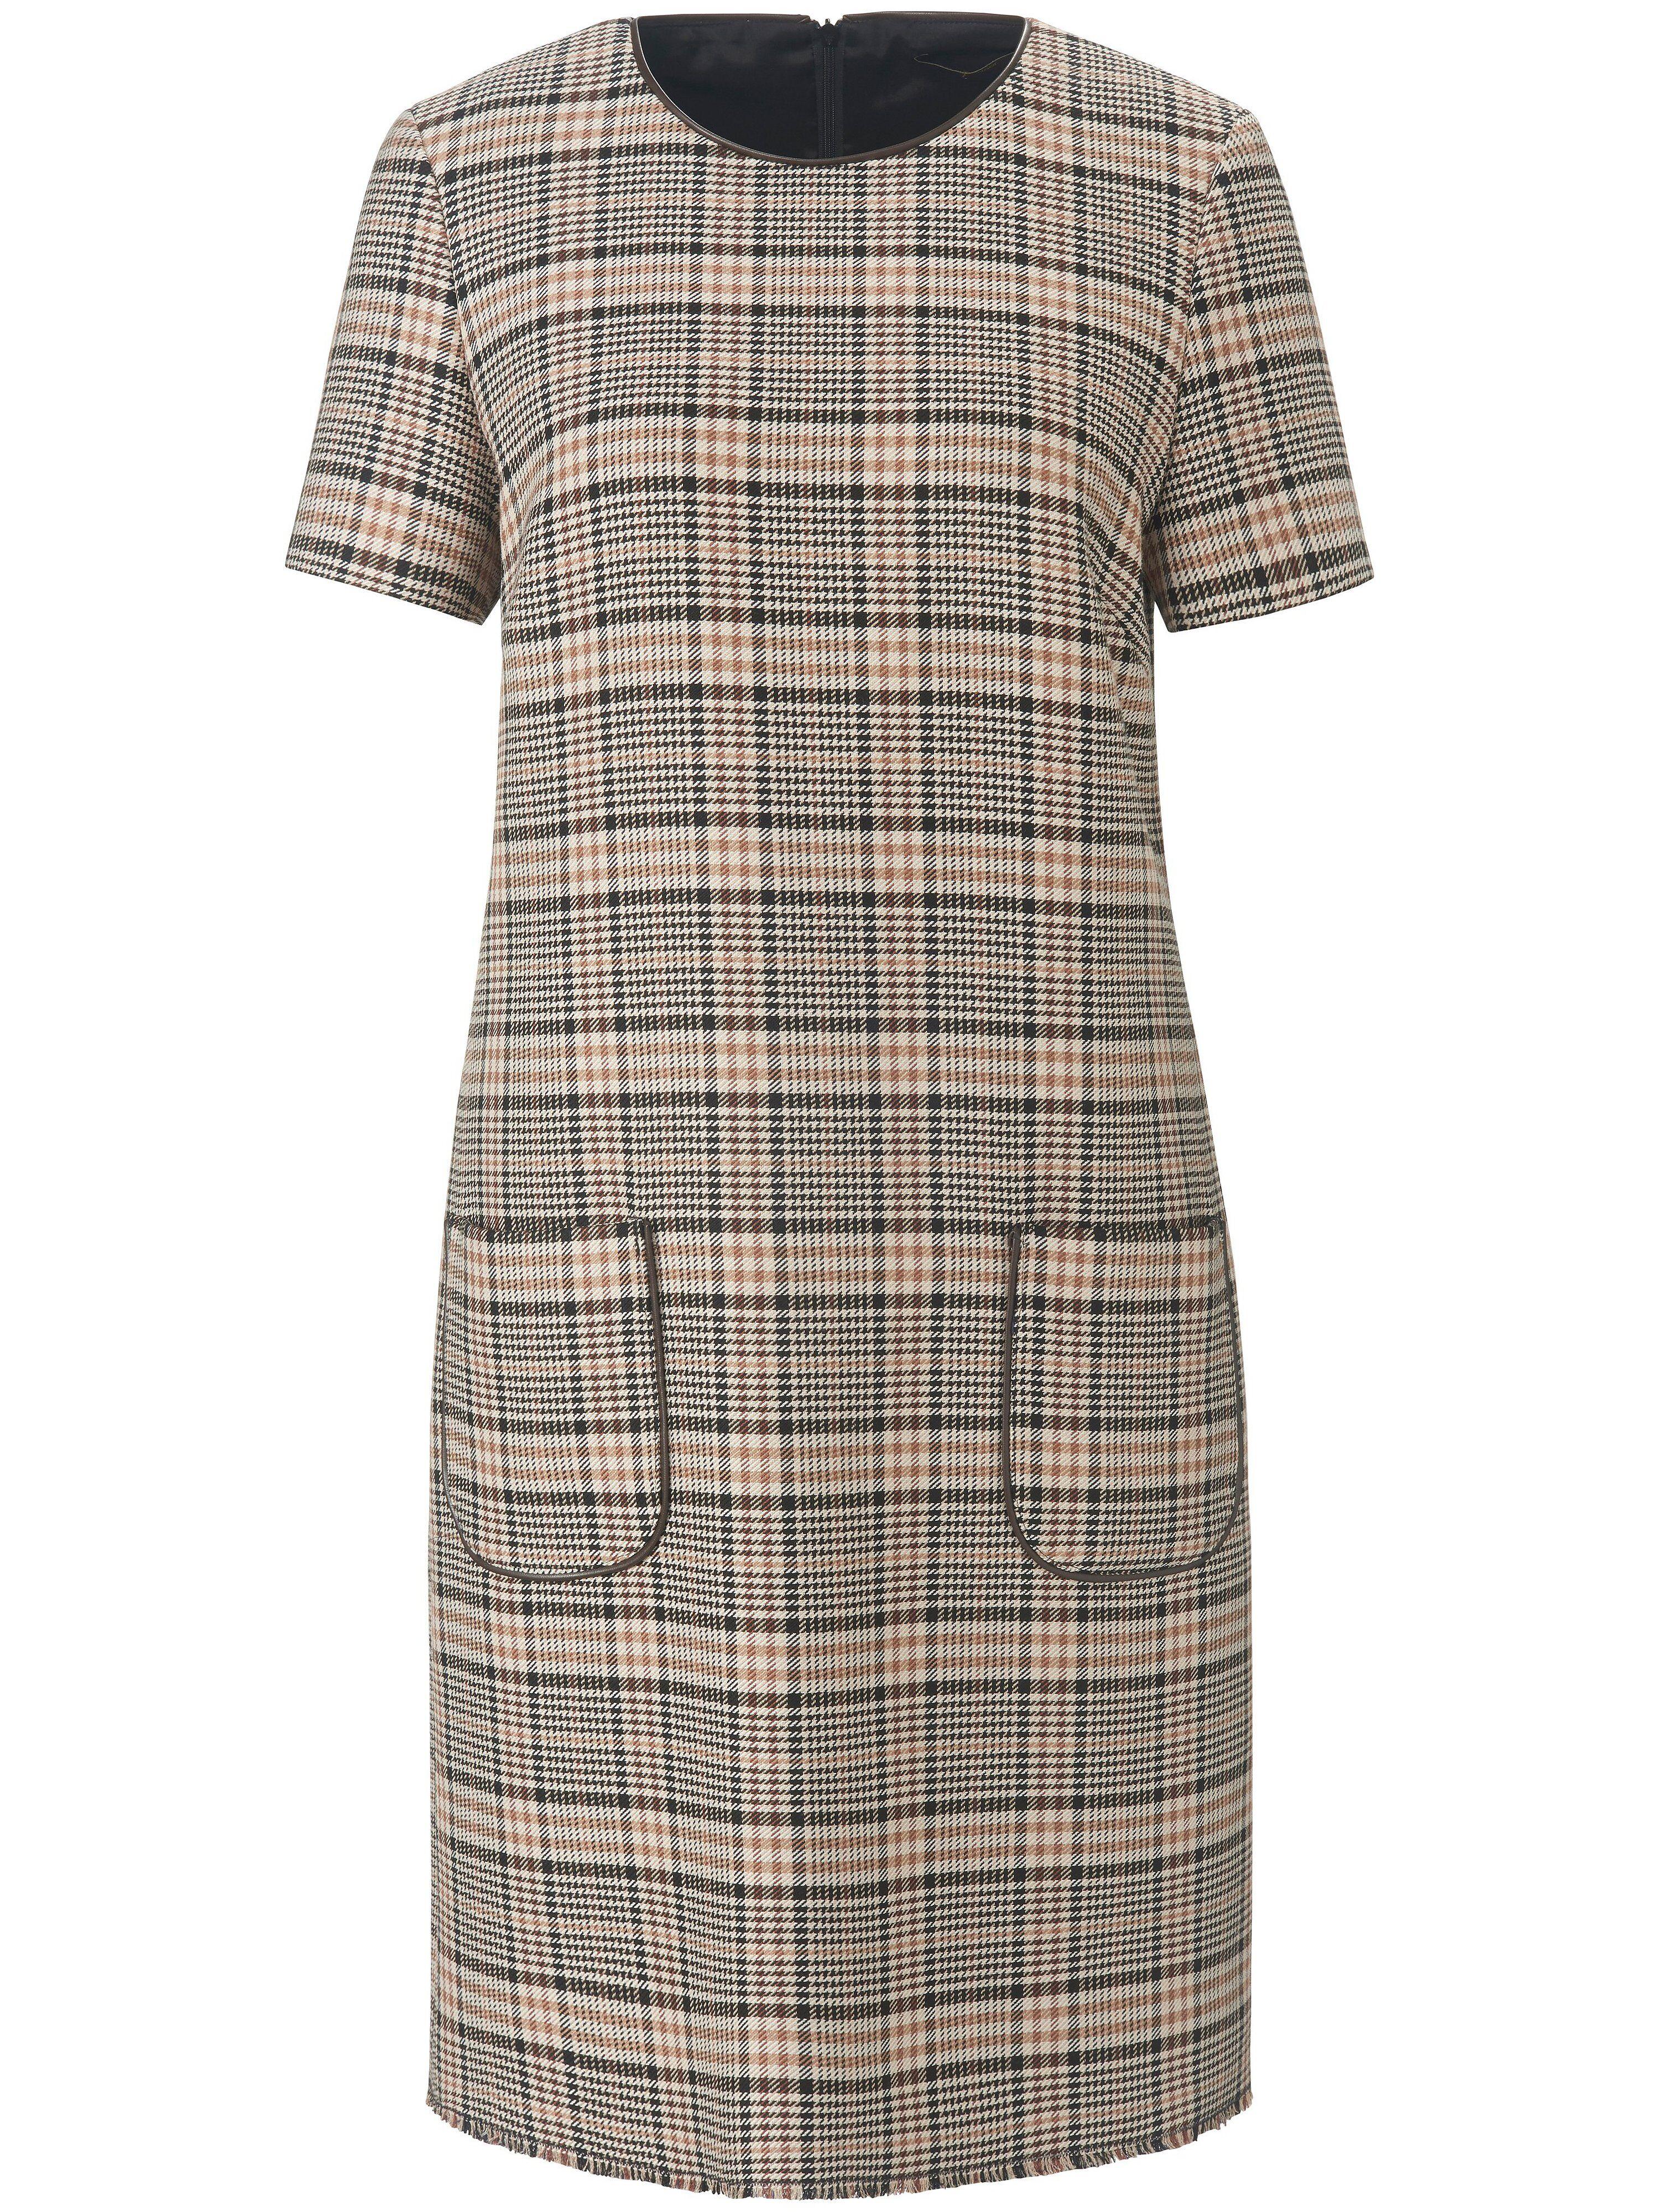 Windsor La robe ligne légèrement en A  Windsor multicolore  - Femme - 40